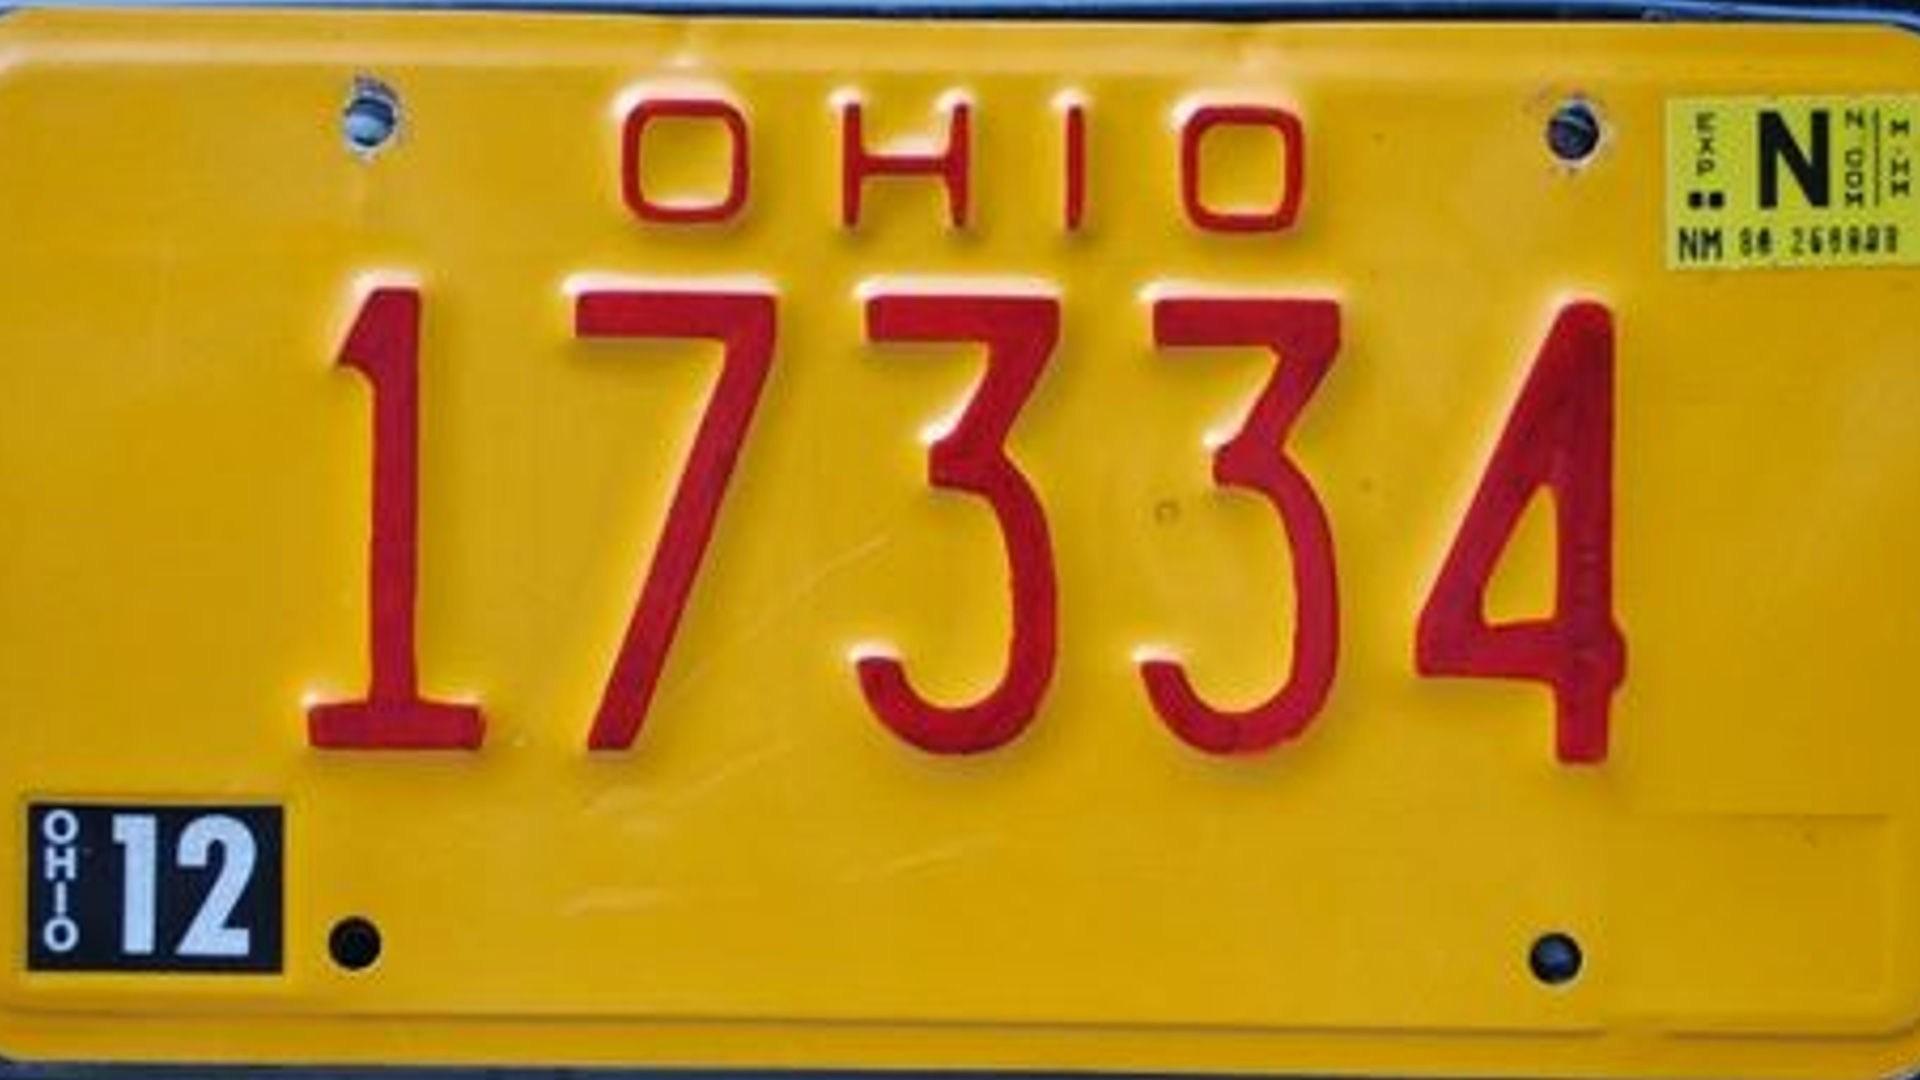 Easttracker blog for Bureau of motor vehicles deputy registrar license agency cleveland oh